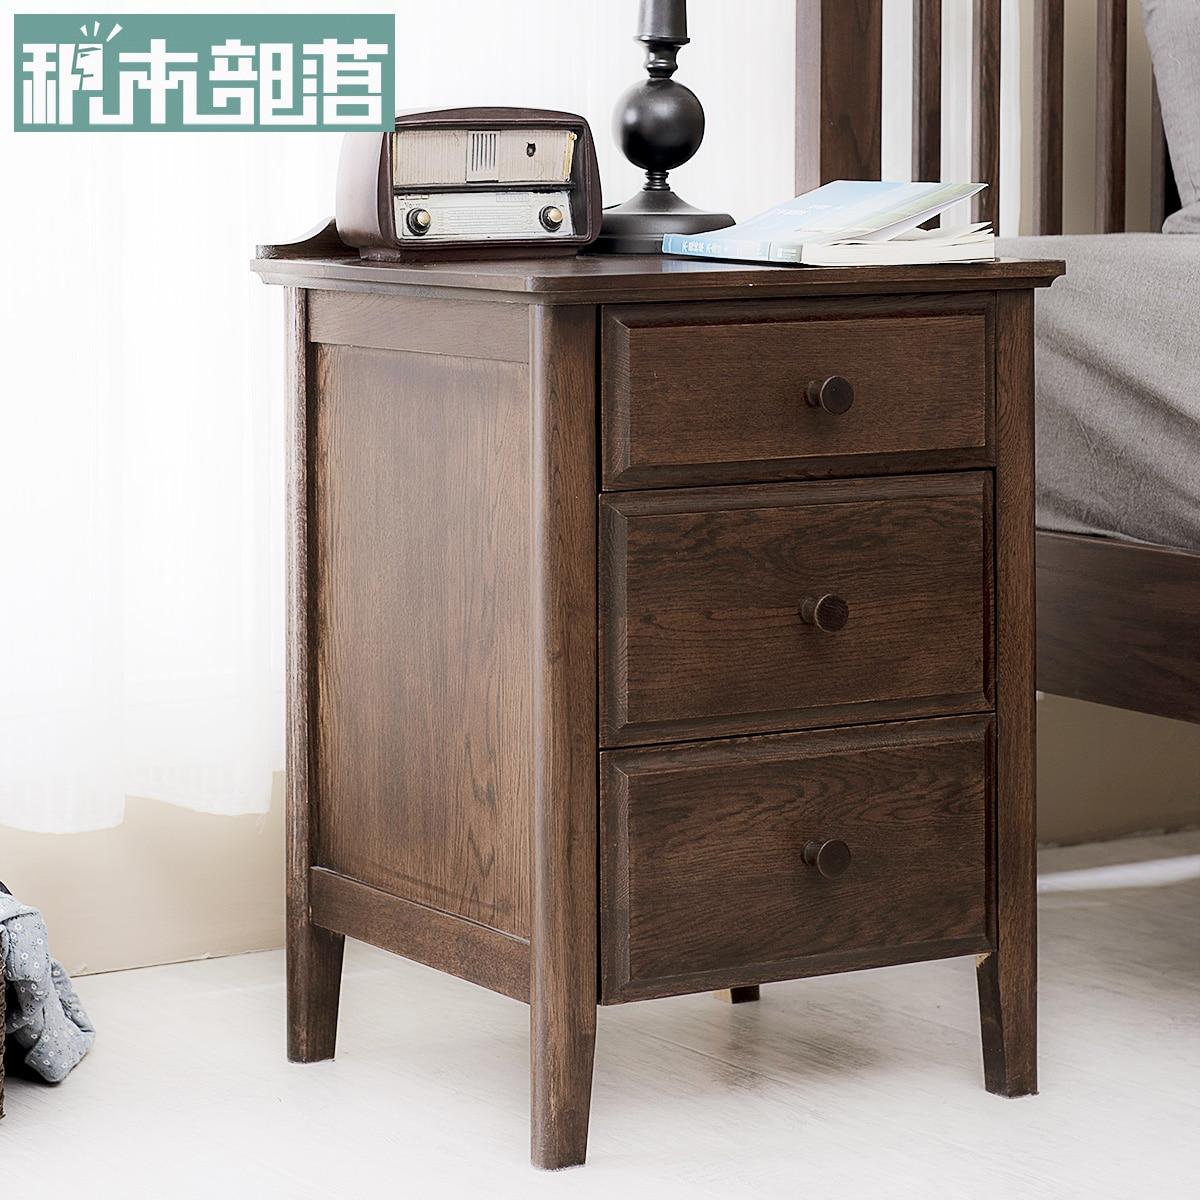 Aliexpress.com : Buy The Building Blocks Of Pure Tribal Bedside Table  Simple Modern American Oak Retro Bedroom Bedside Locker From Reliable  Bedside Lockers ...